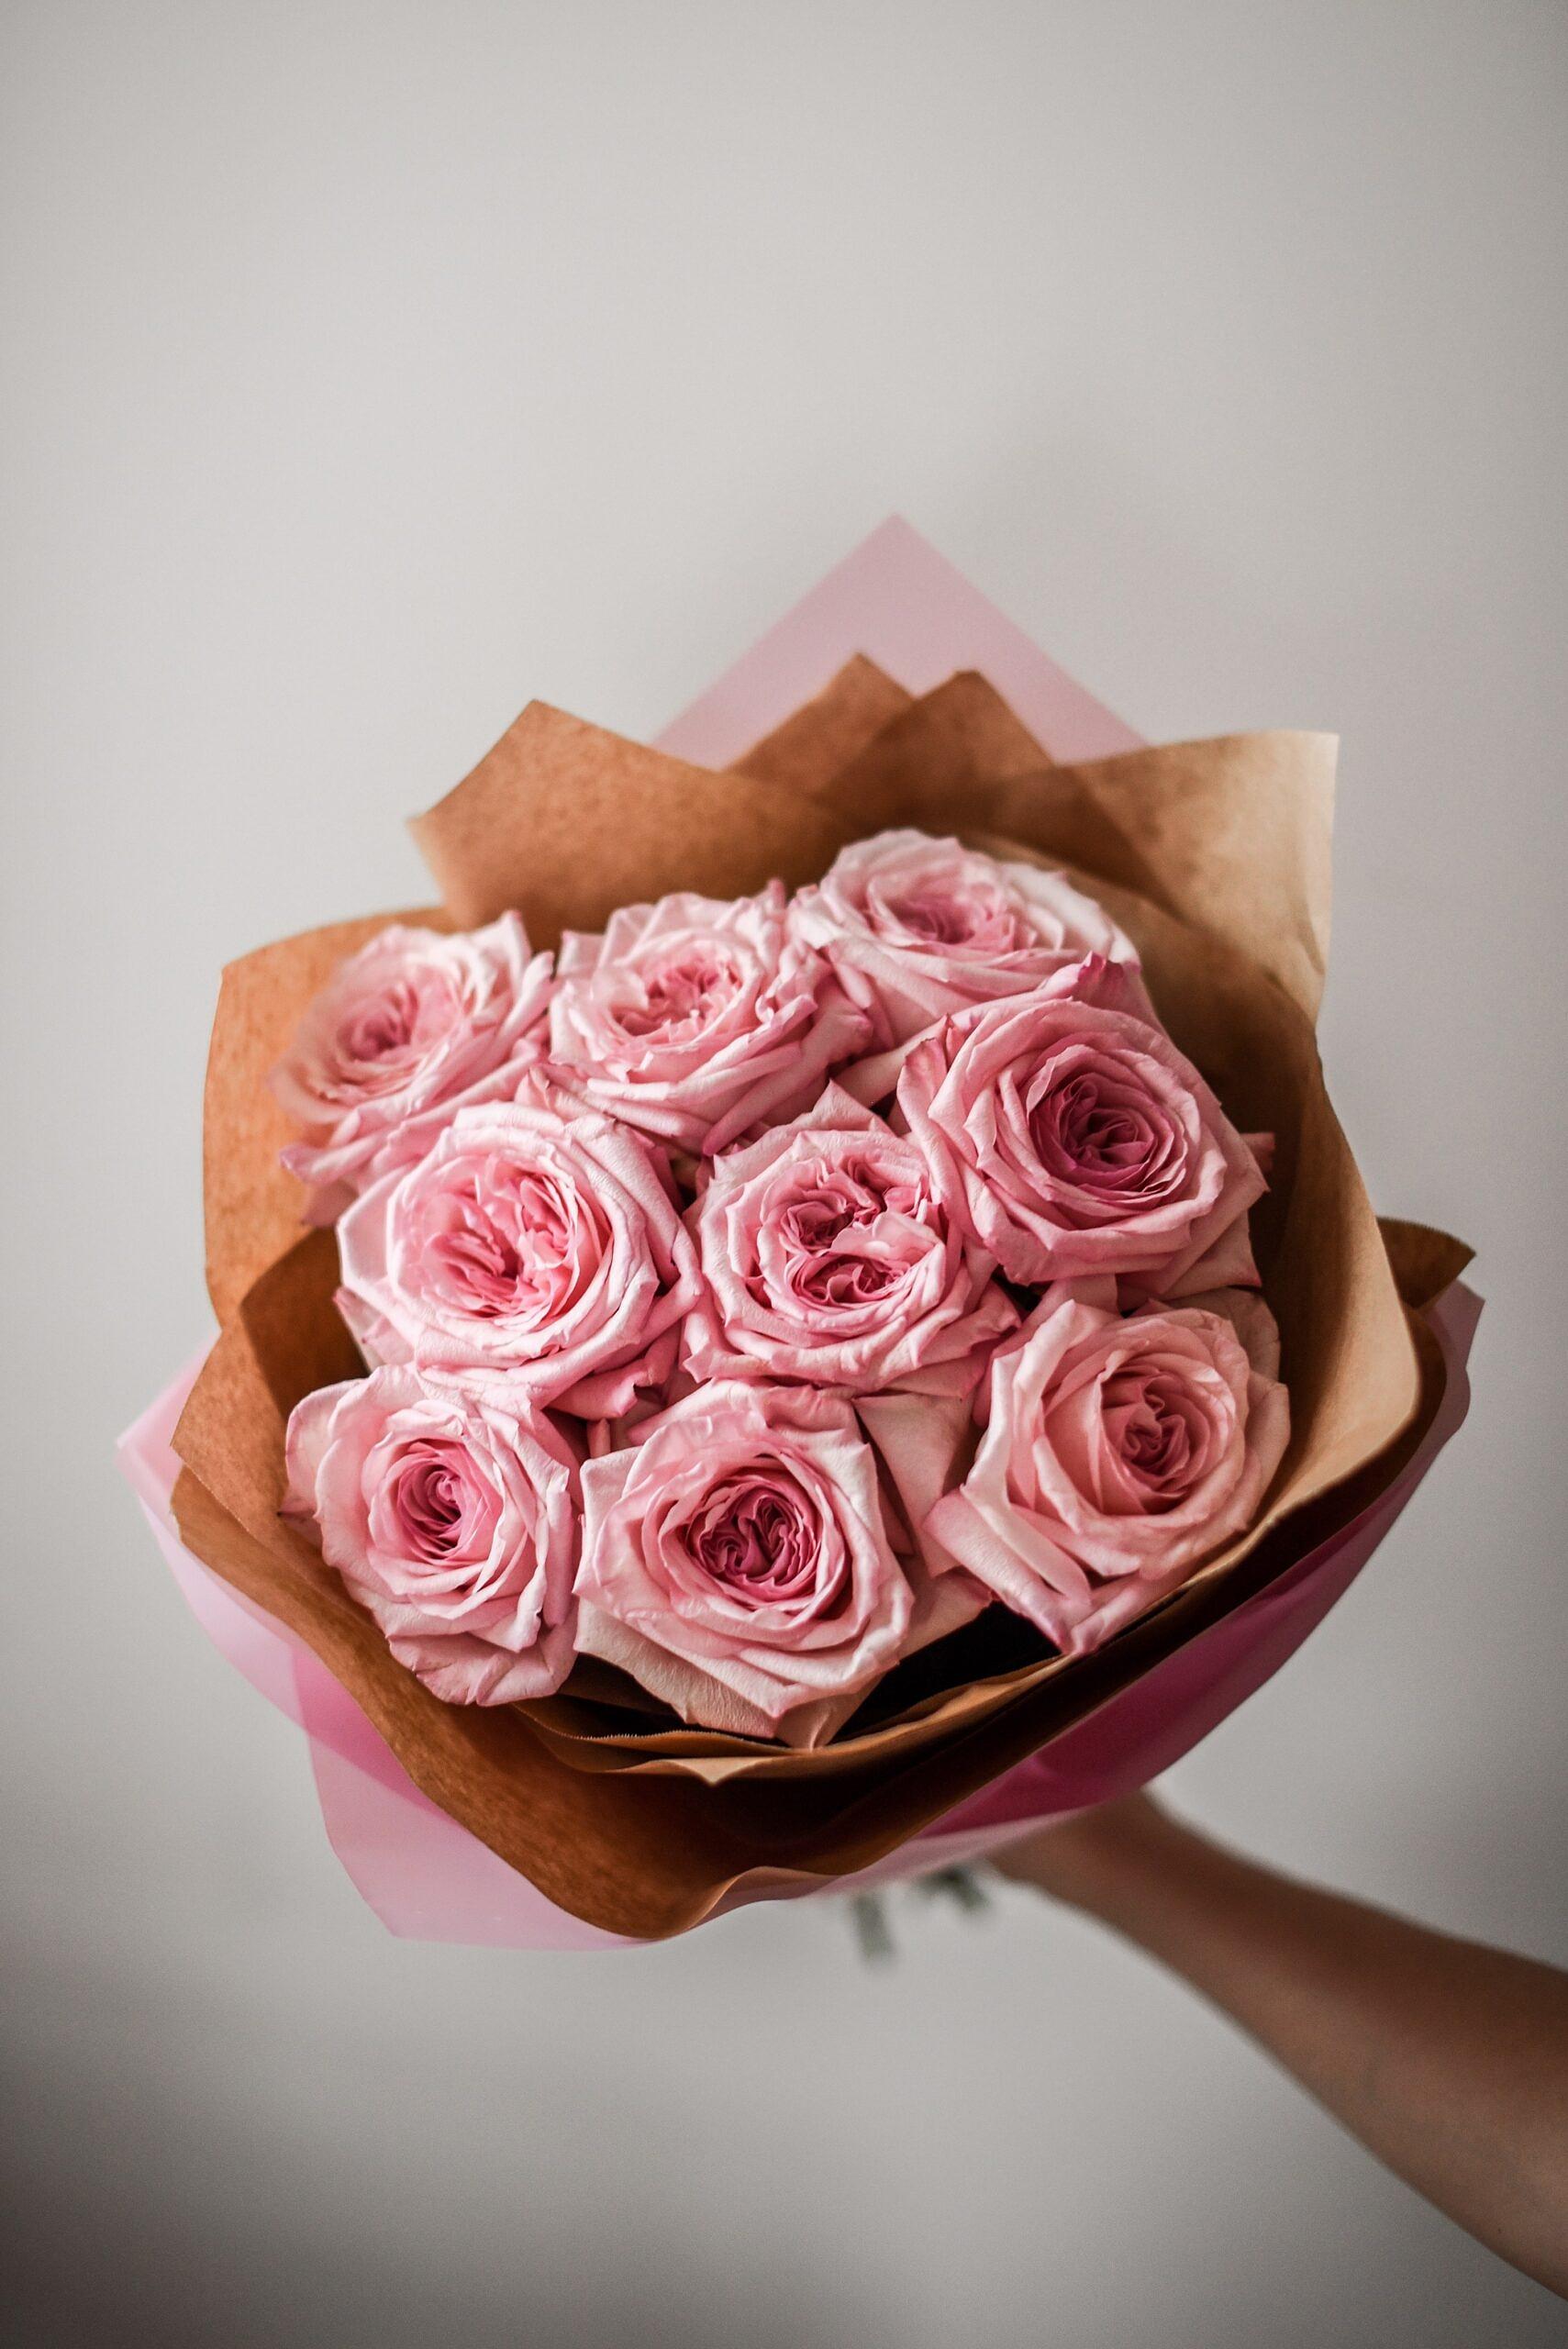 rozes, gimtadienio geles, geles gimtadieniui, geles vilniuje, geles i namus, puokste, puokste i namus, puokste vilniuje, geles mamos dienai